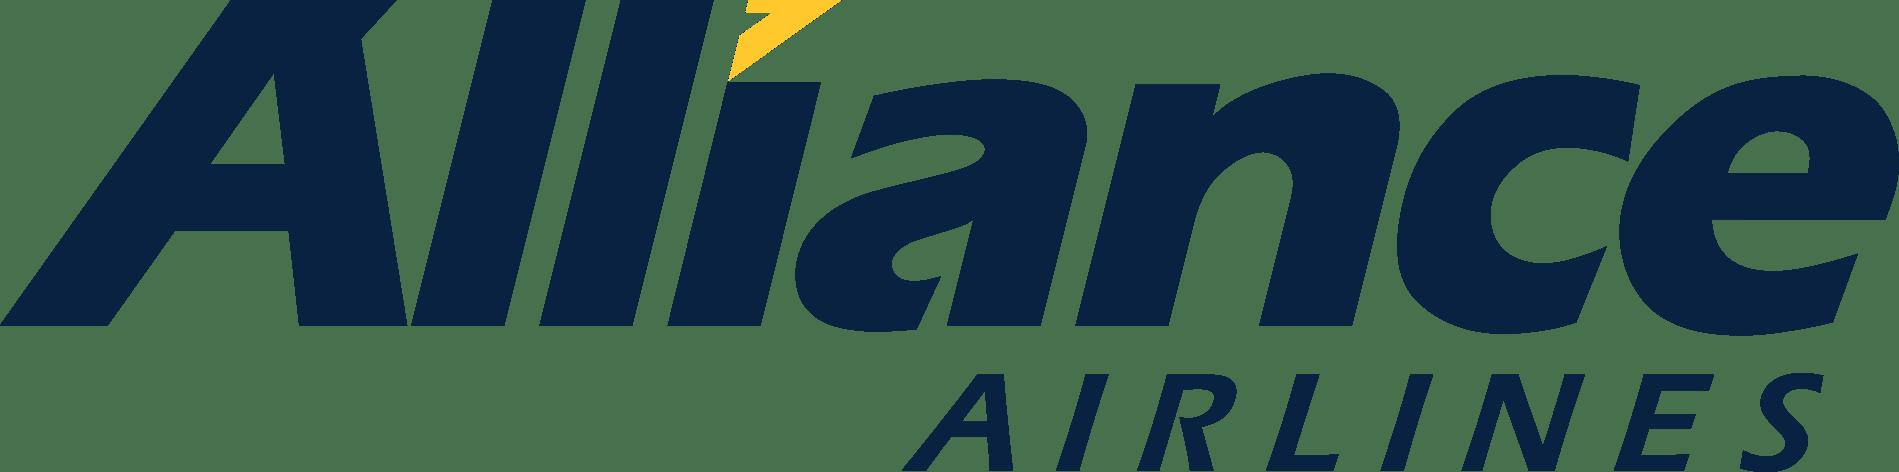 Resultado de imagen para alliance airlines logo